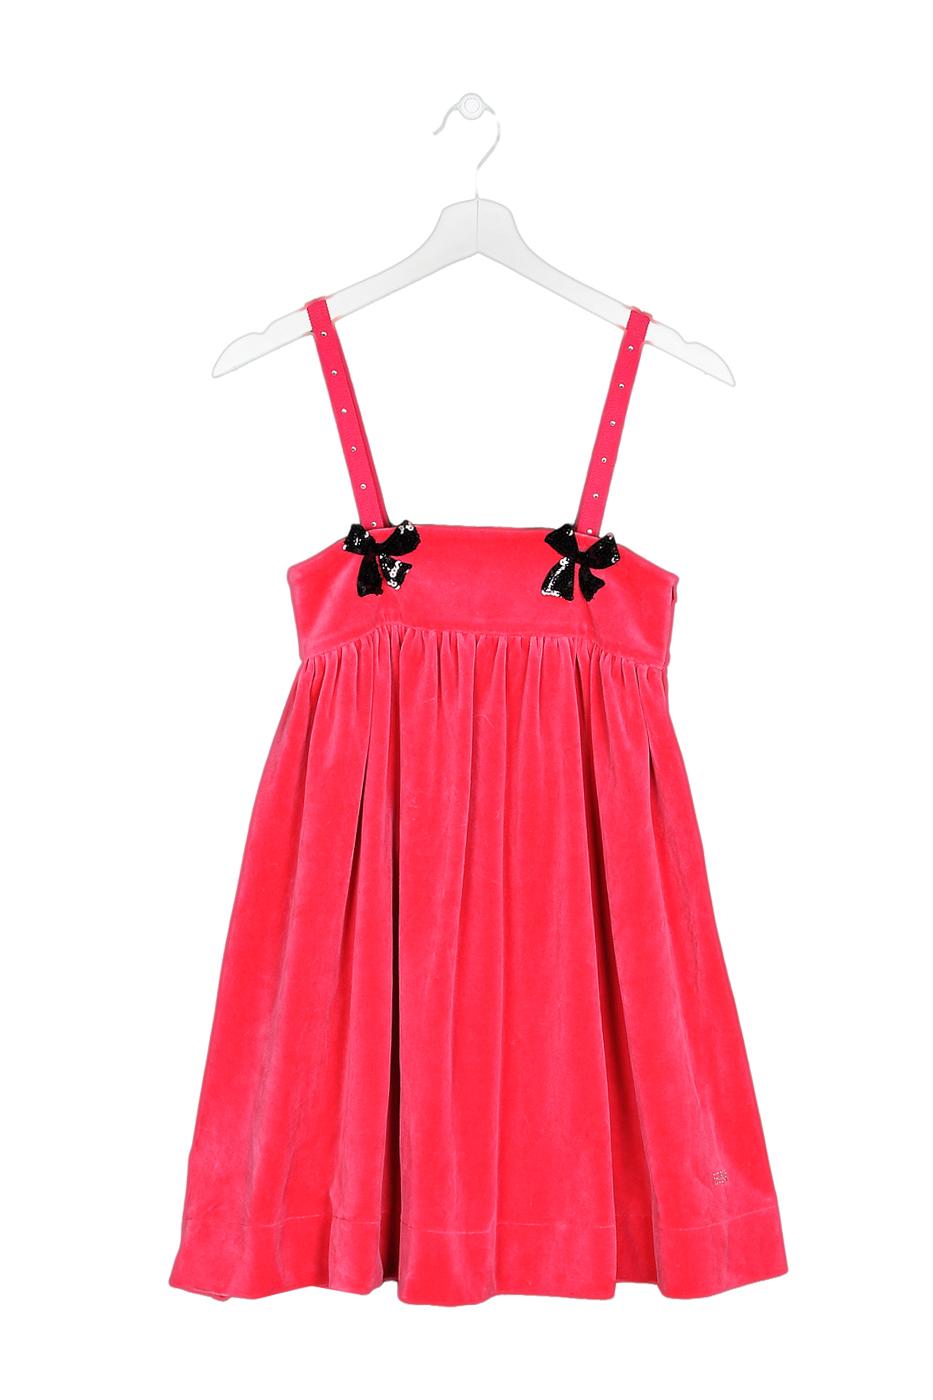 Купить 44650409, Сарафан детский Sonia Rykiel, цв. розовый, р-р 104, Сарафаны для девочек